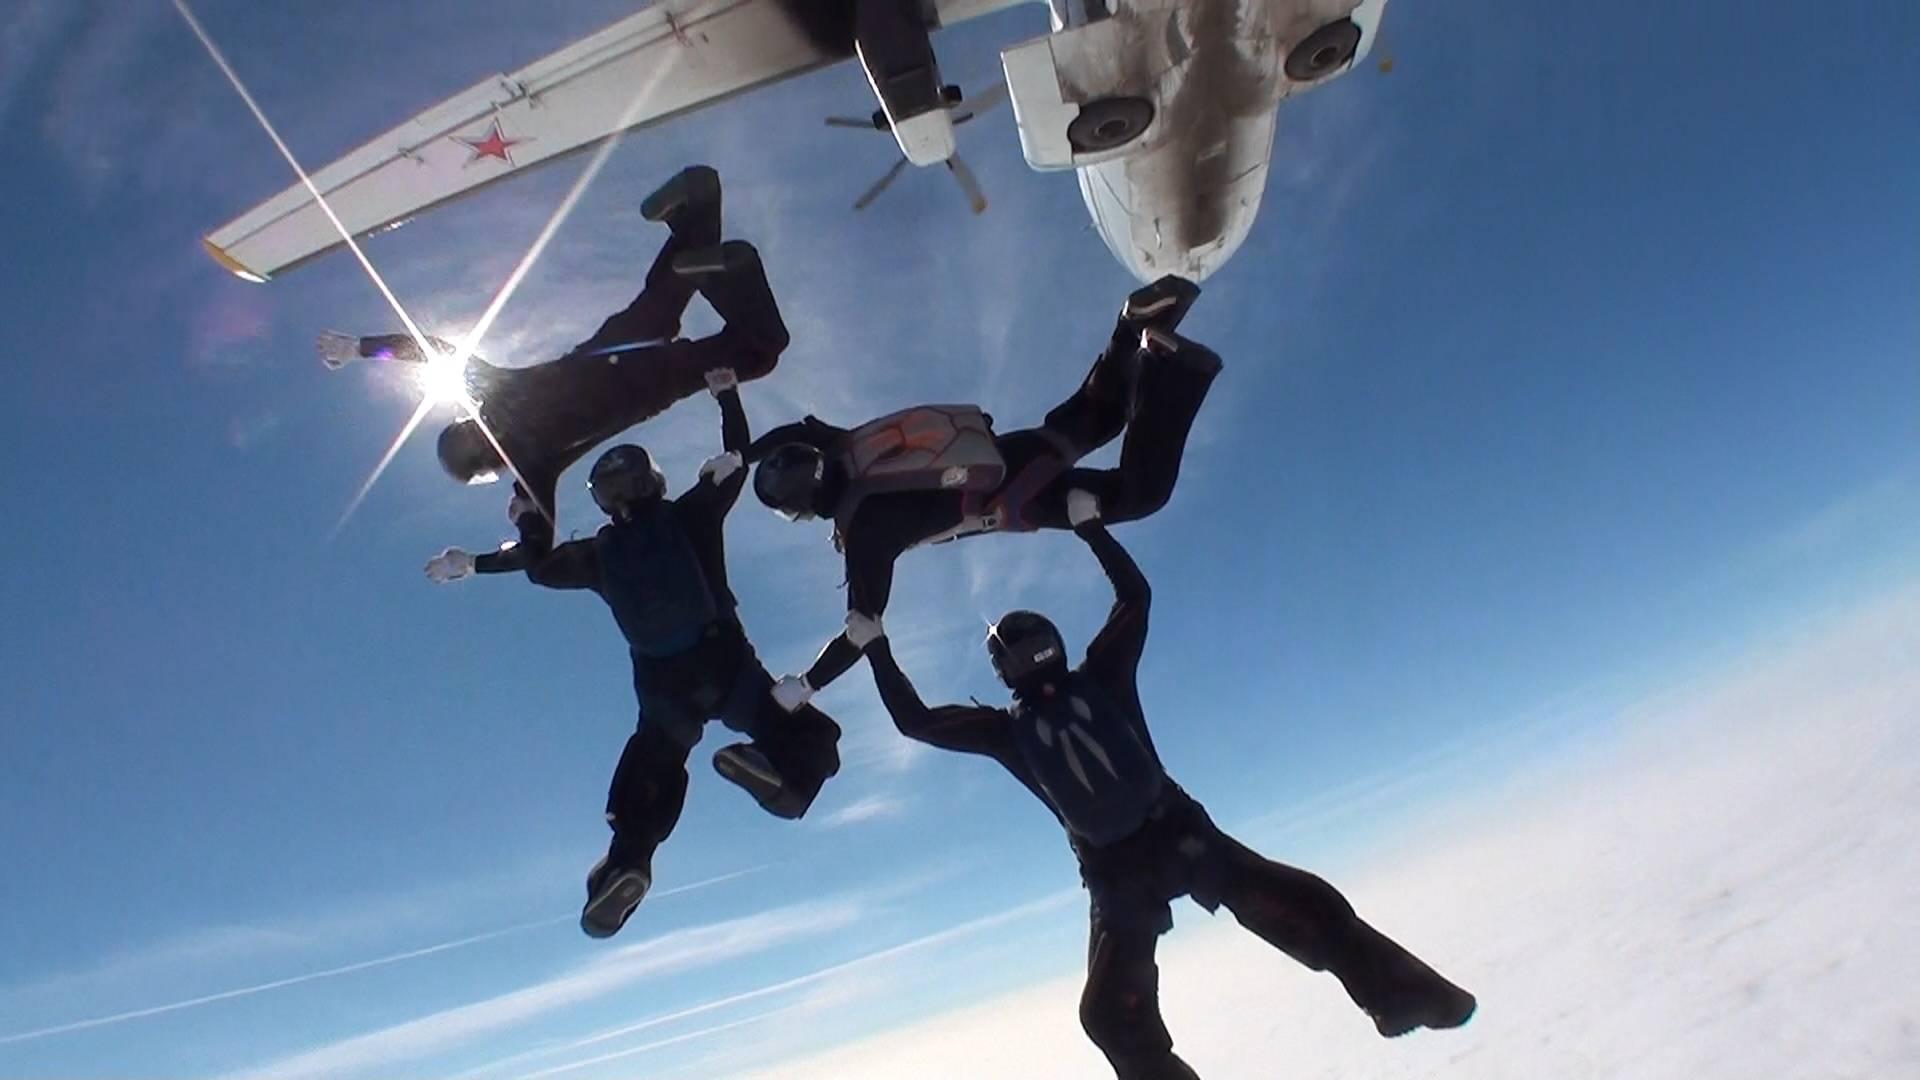 Как определяется победитель в парашютном спорте